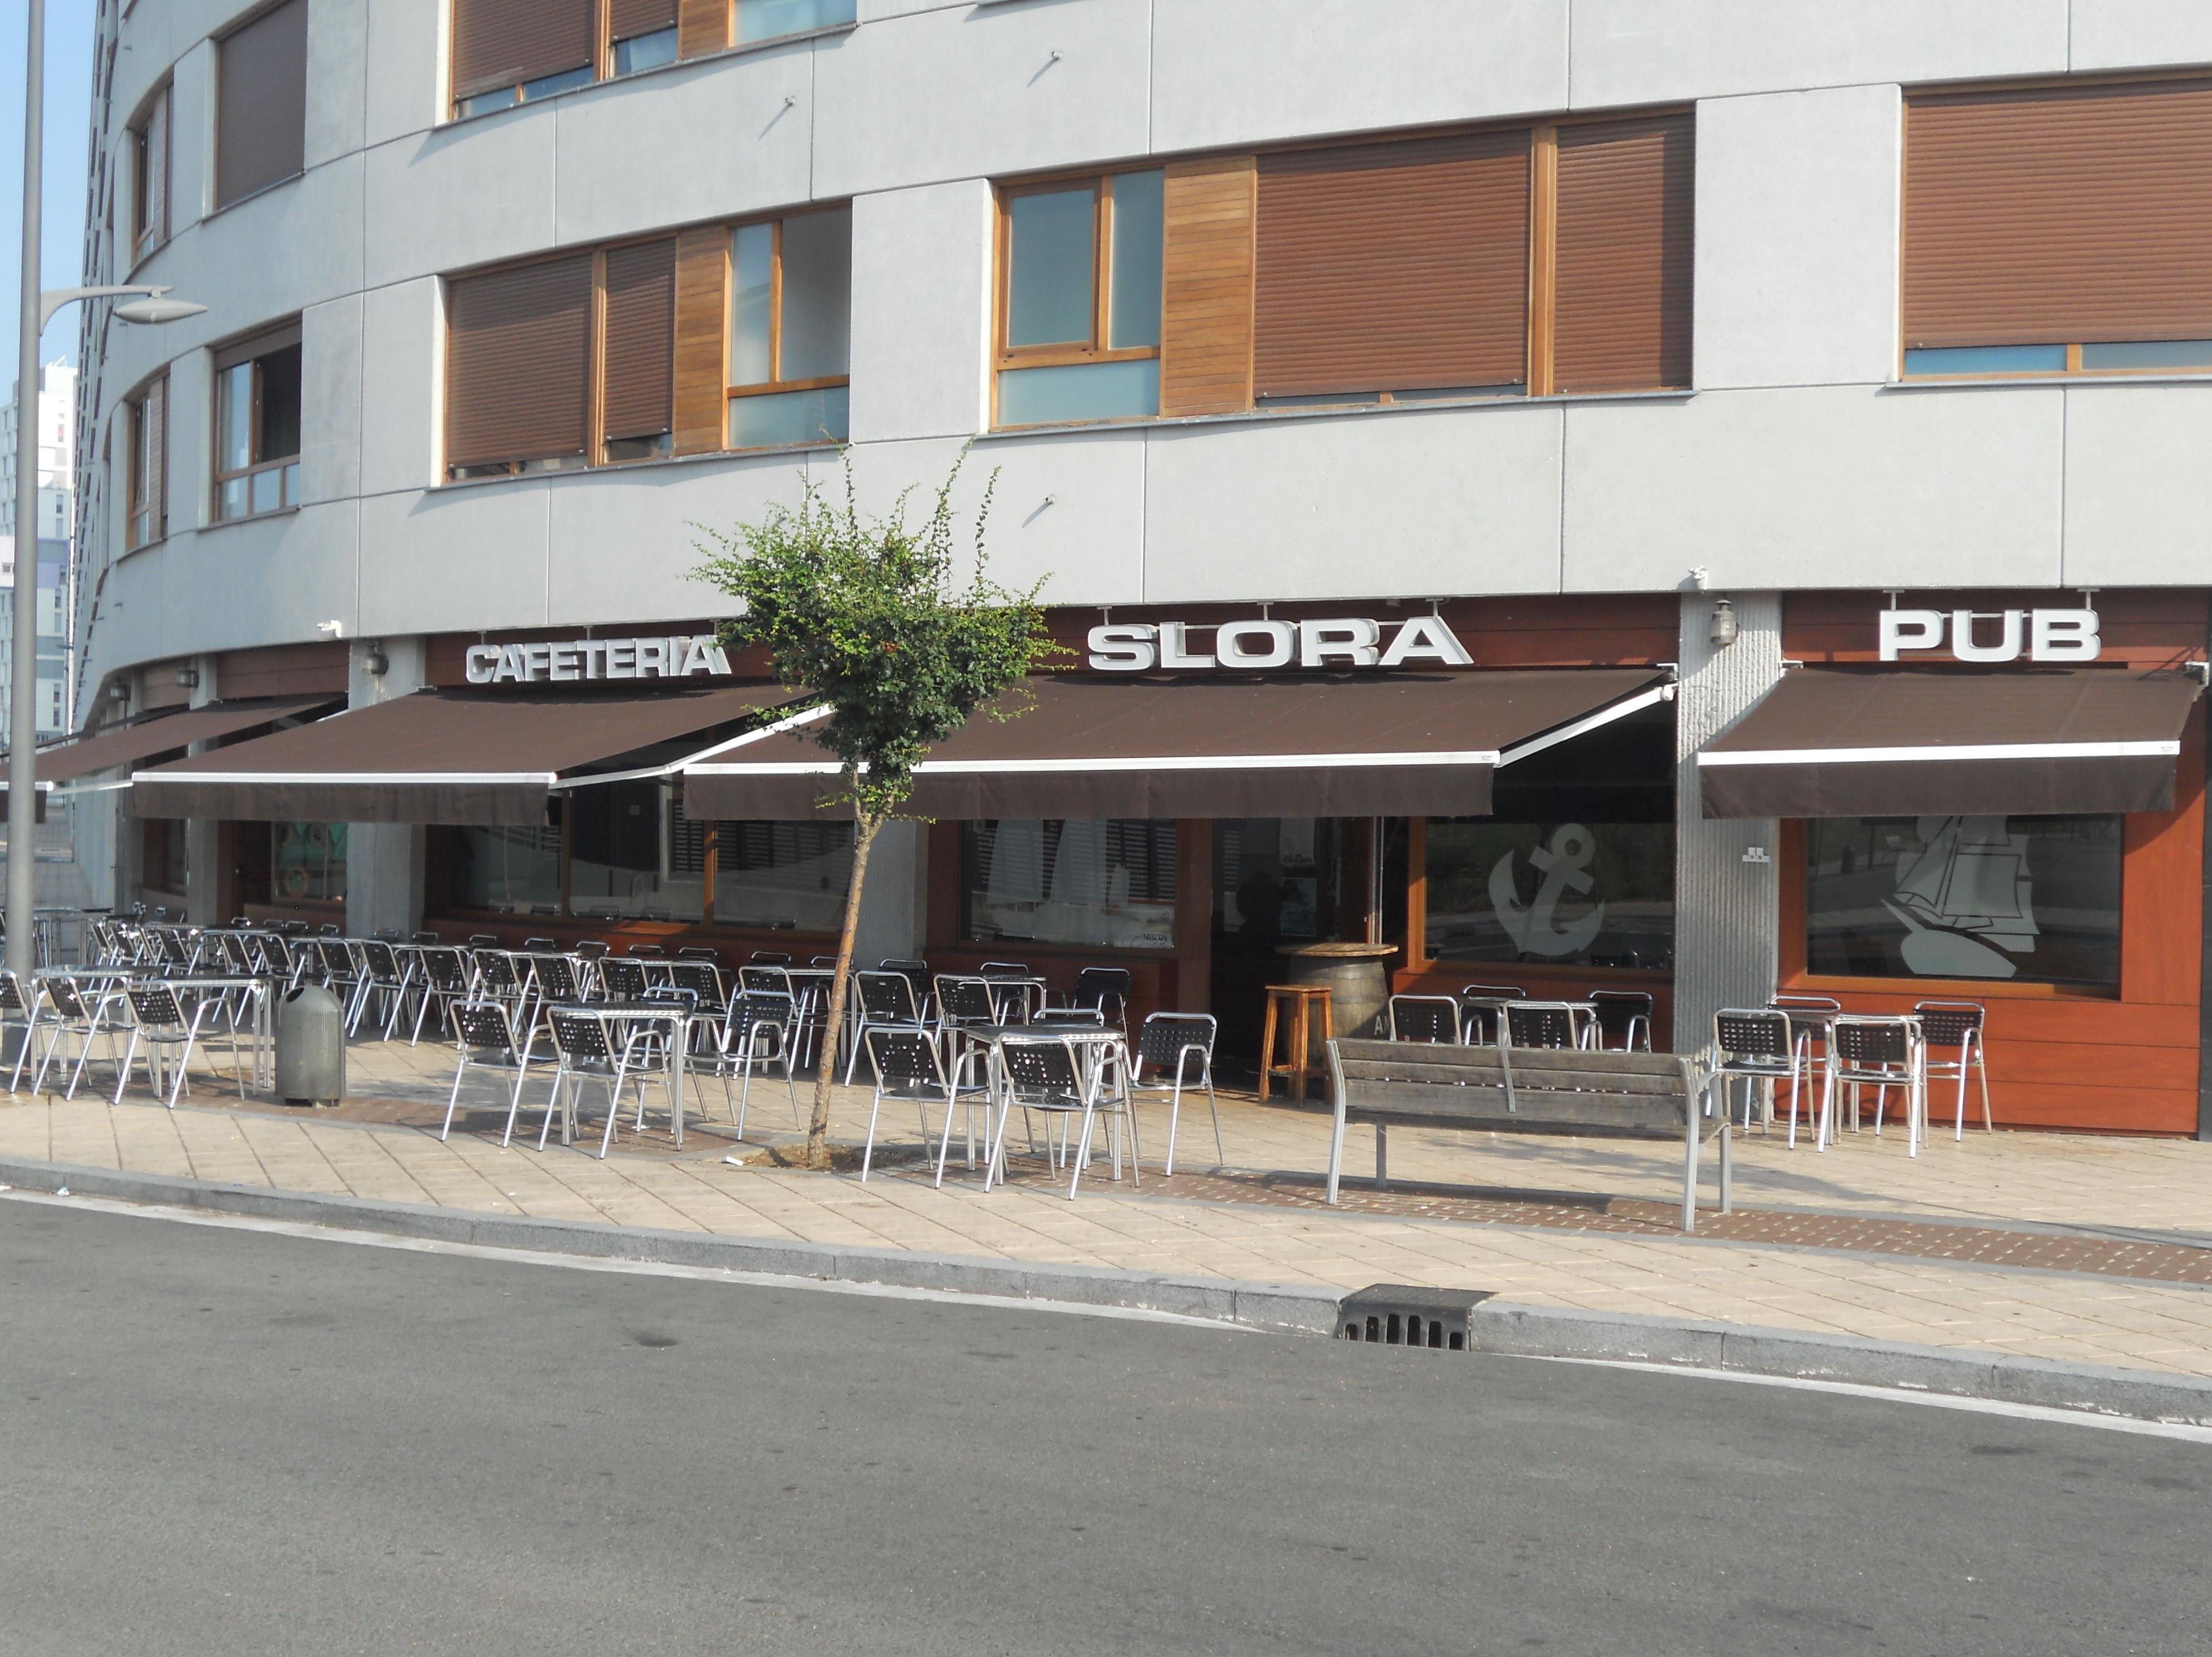 Foto 43 de Cafetería en Vitoria-Gasteiz | Slora